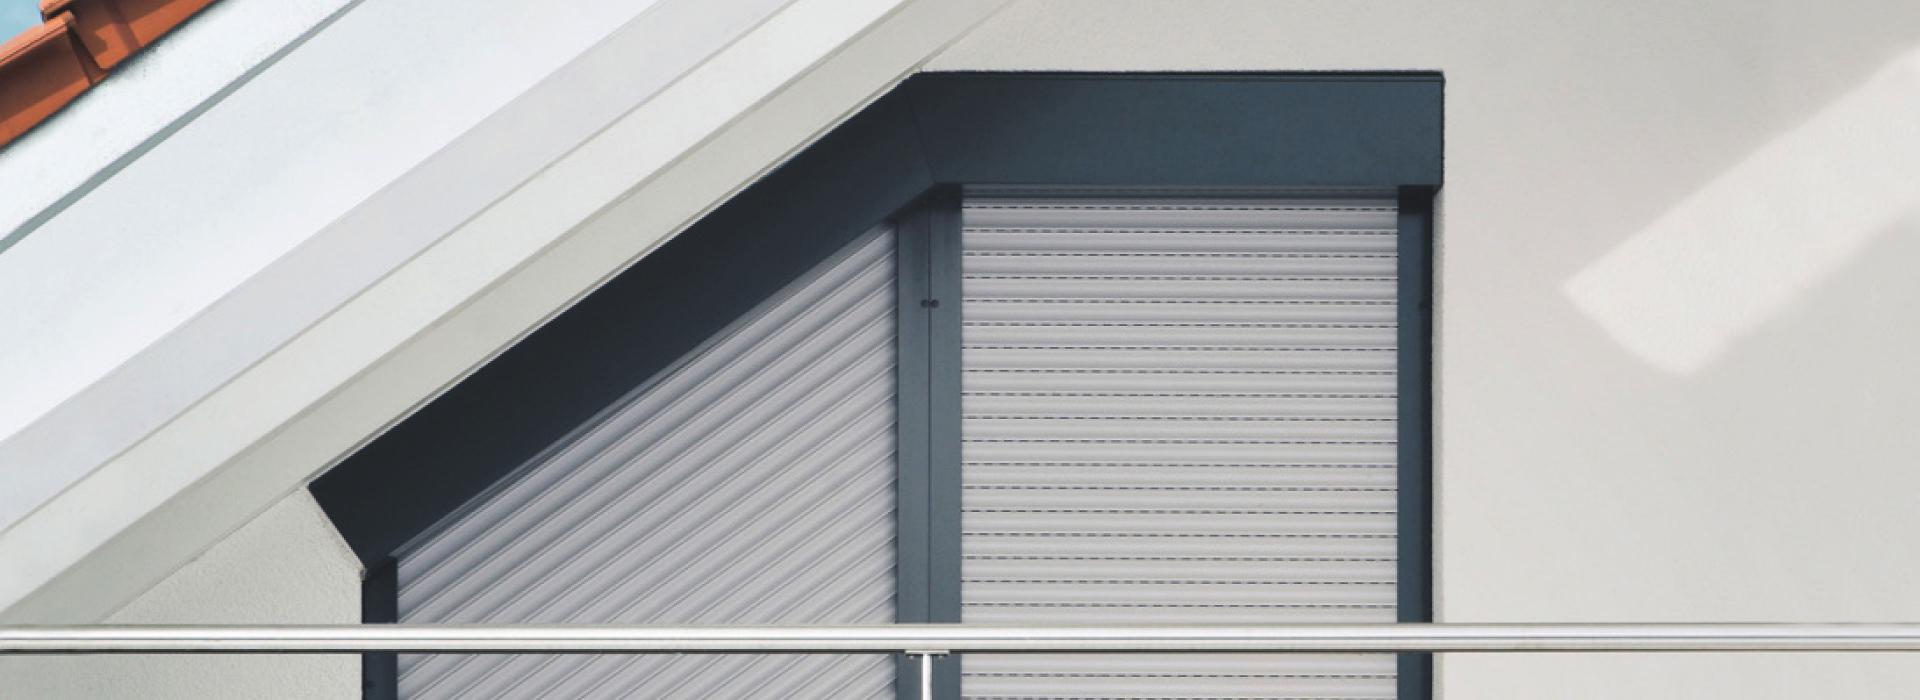 Full Size of Sonnenschutz Fenster Außen Schrgrollladen Von Roma Lsung Fr Schrge Velux Veka Gardinen Ersatzteile Mit Eingebauten Rolladen Zwangsbelüftung Nachrüsten Fenster Sonnenschutz Fenster Außen